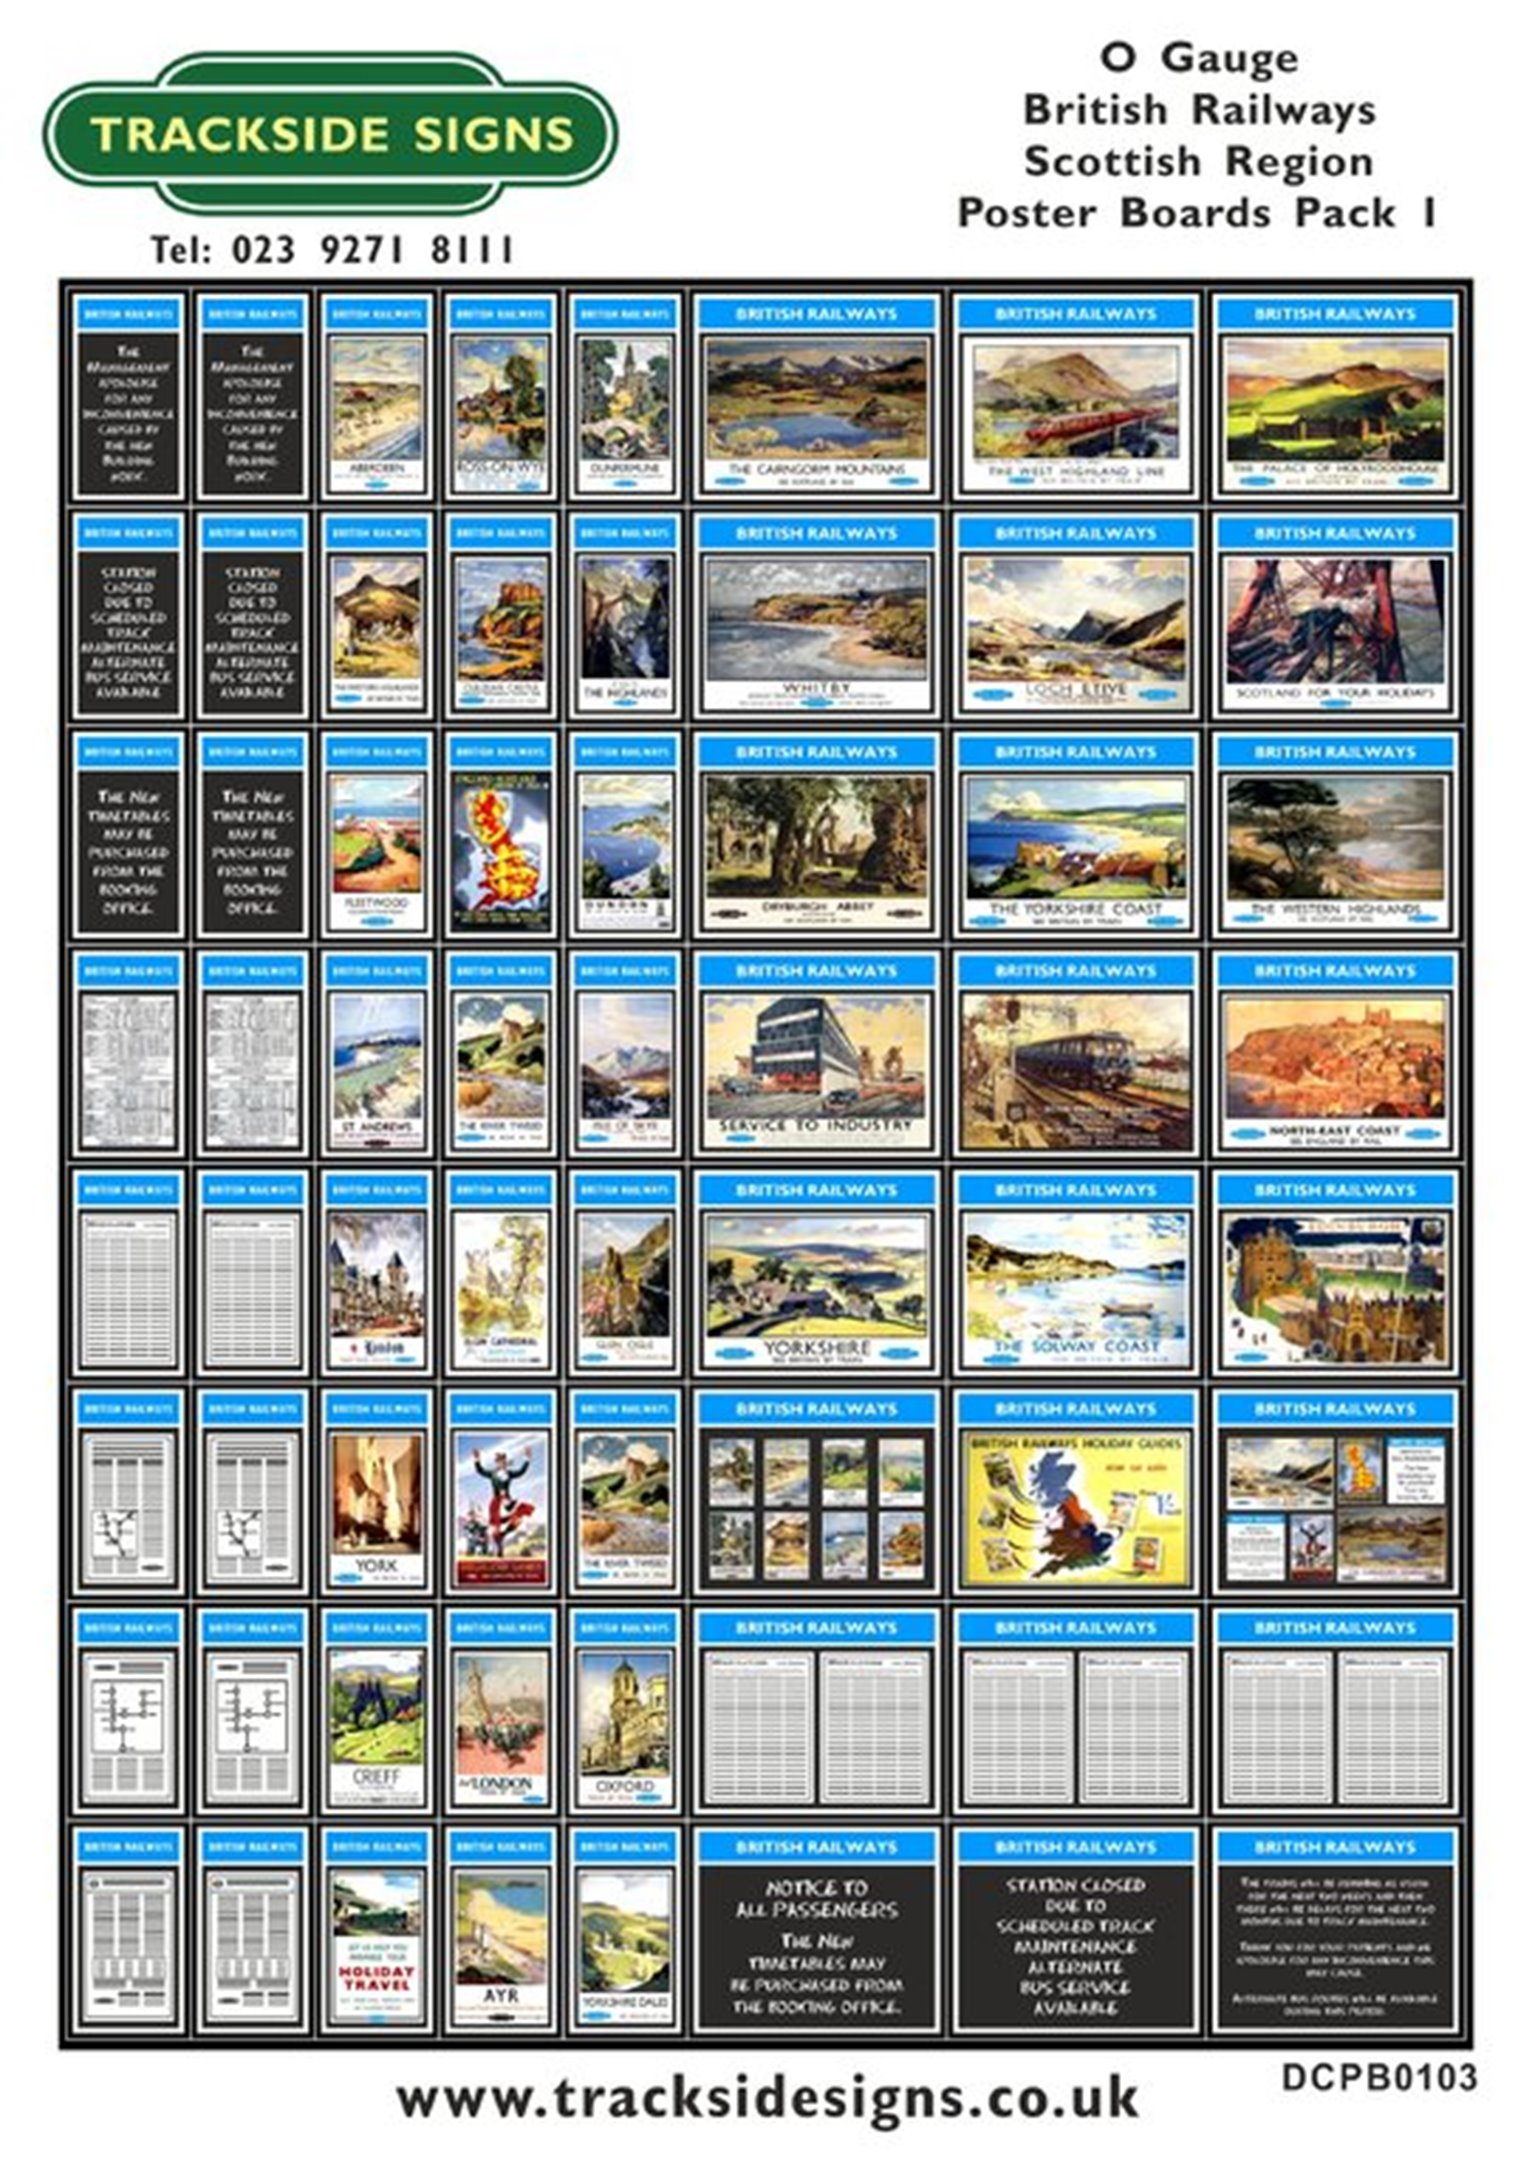 Die Cut BR Scottish Region Poster Boards